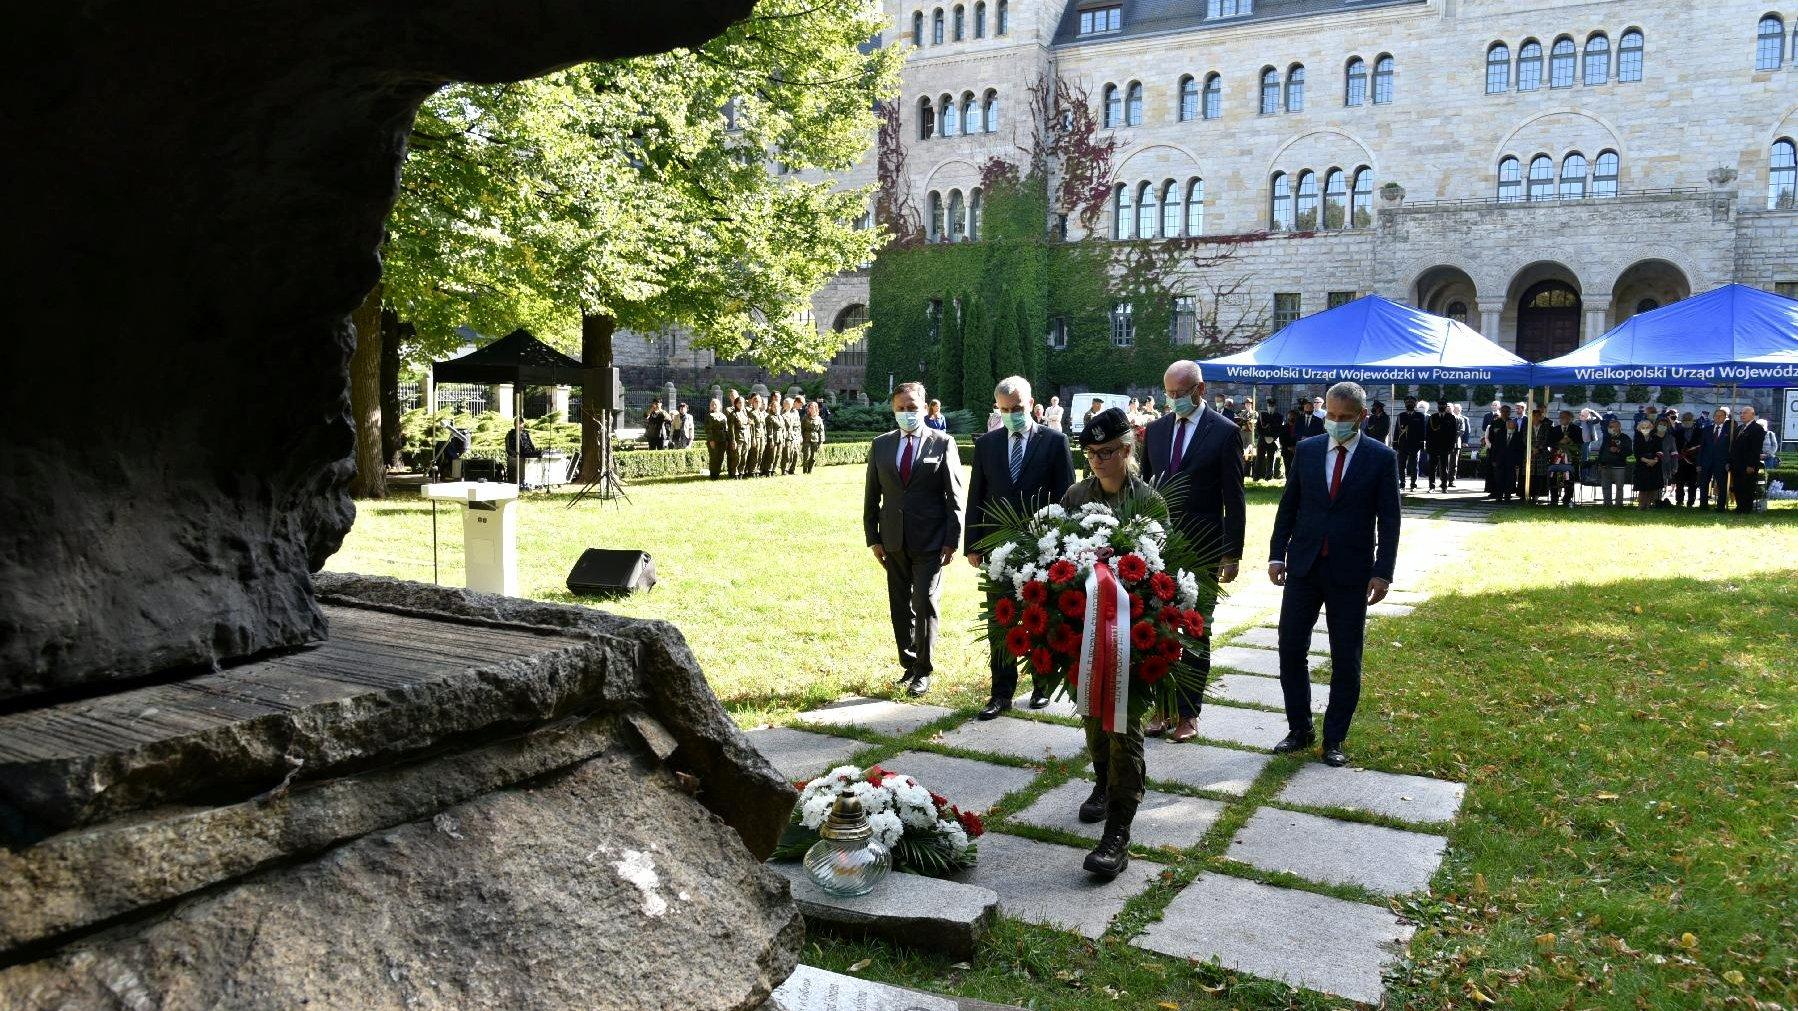 Przedstawiciele władz miasta i województwa składają kwiaty pod pomnikiem Ofiar Katynia i Sybiru. - grafika artykułu